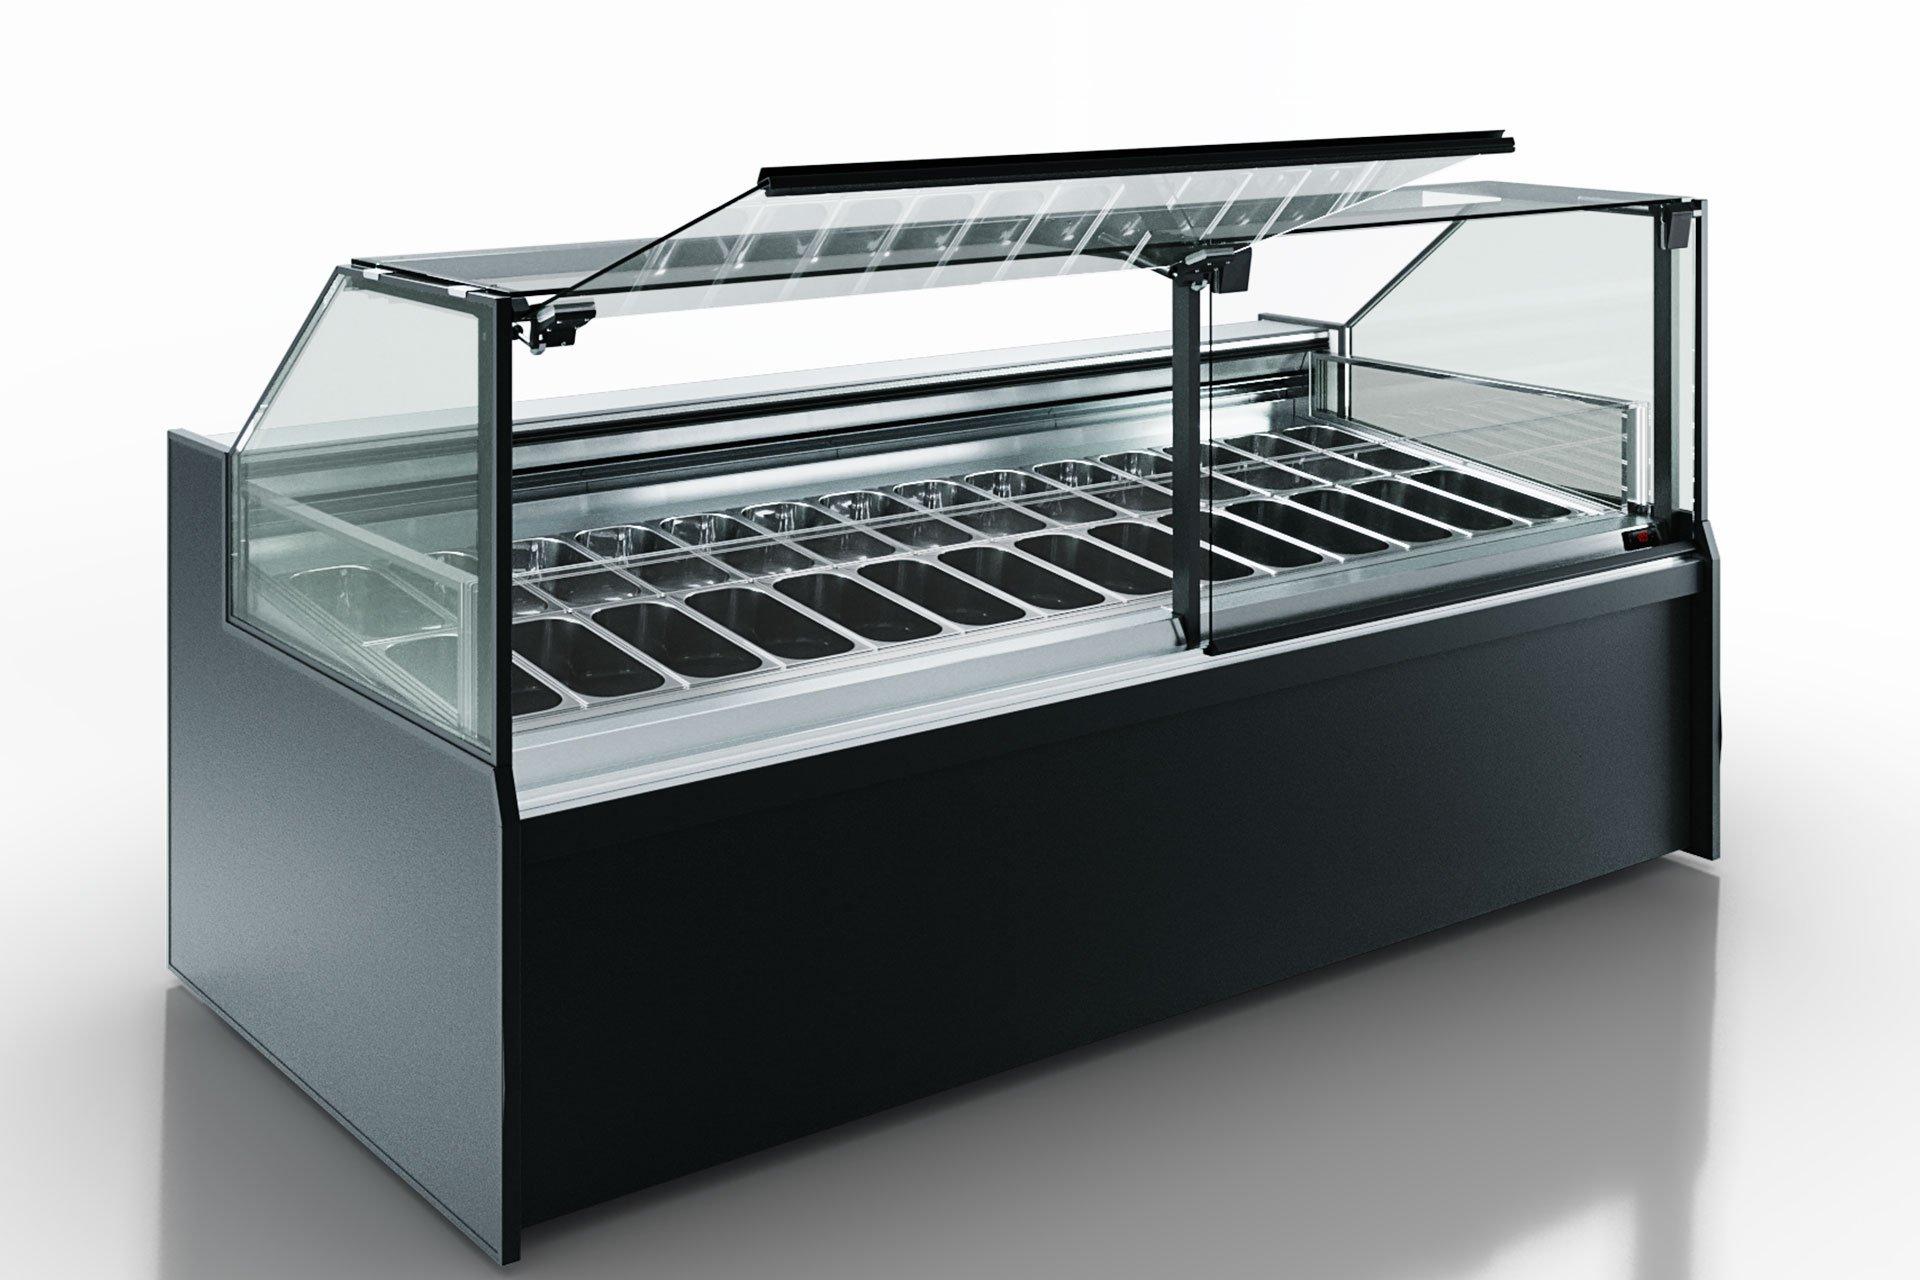 מקרר גלידות MISSOURI AC 120 ICE CREAM PS A